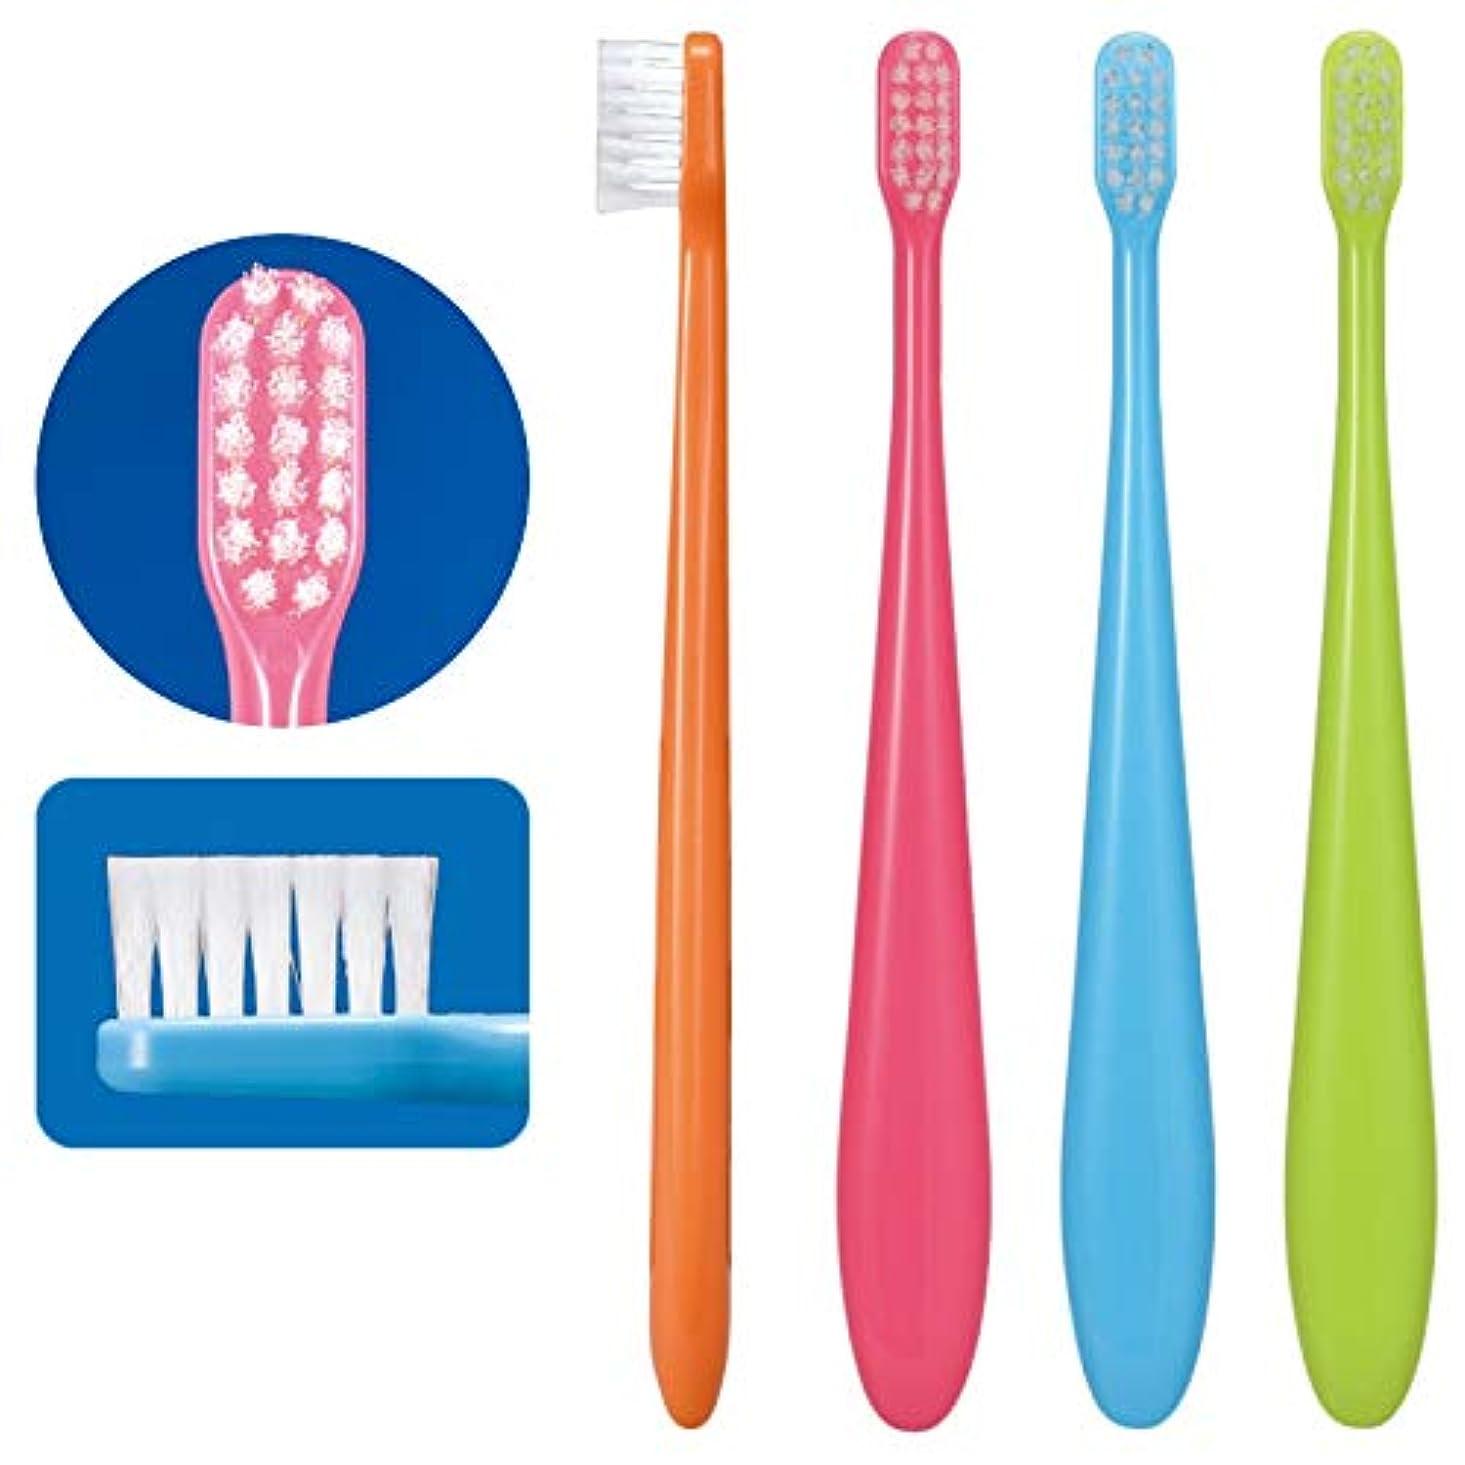 ラリー報復する錫Ci ミニ歯ブラシ ミディミルキー 20本 M(ふつう) 歯科専売品 日本製